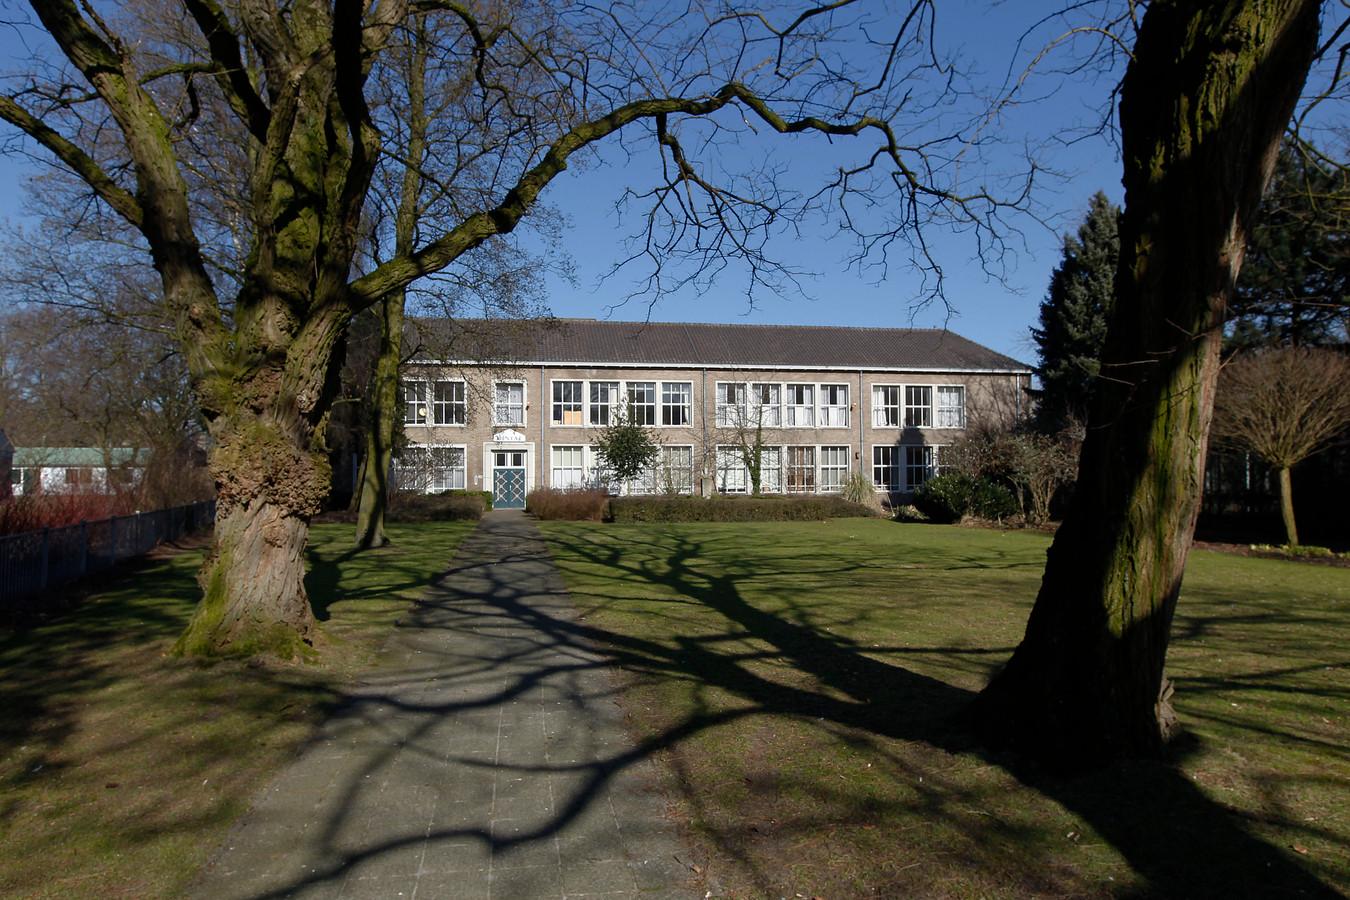 De voormalige huishoudschool aan de Kruisstraat in Deurne.